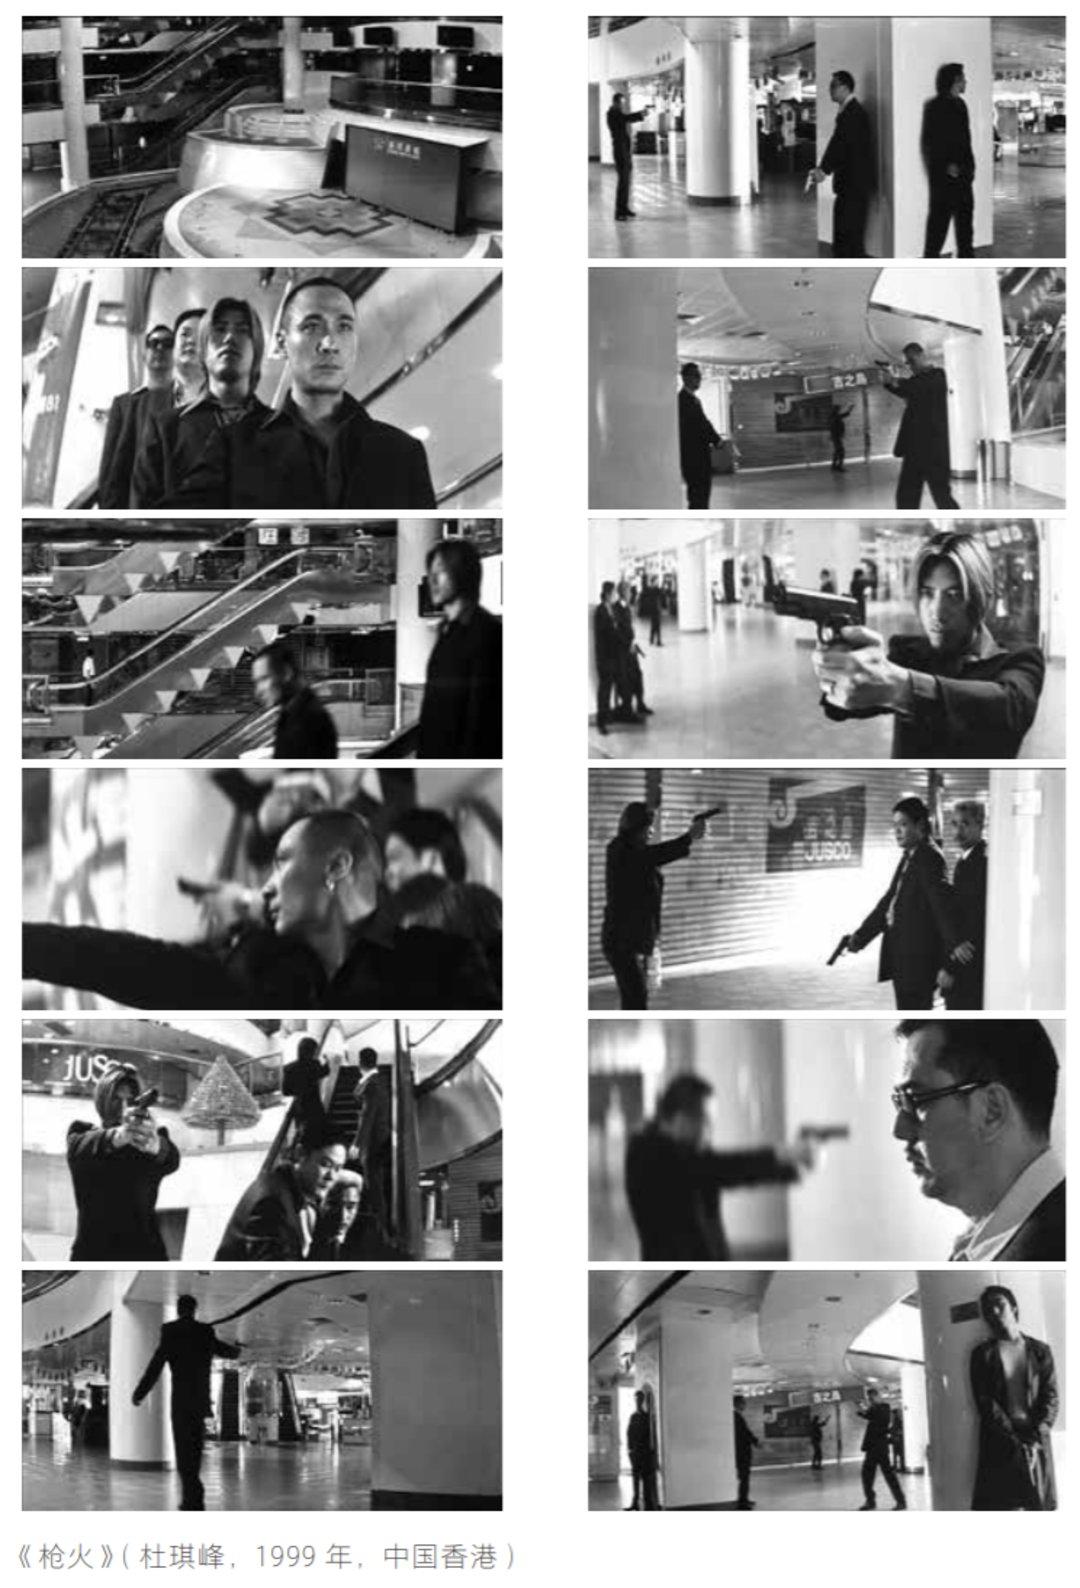 杜琪峰电影《枪火》中的枪战,为何如此帅气?_娱乐_好奇心日报